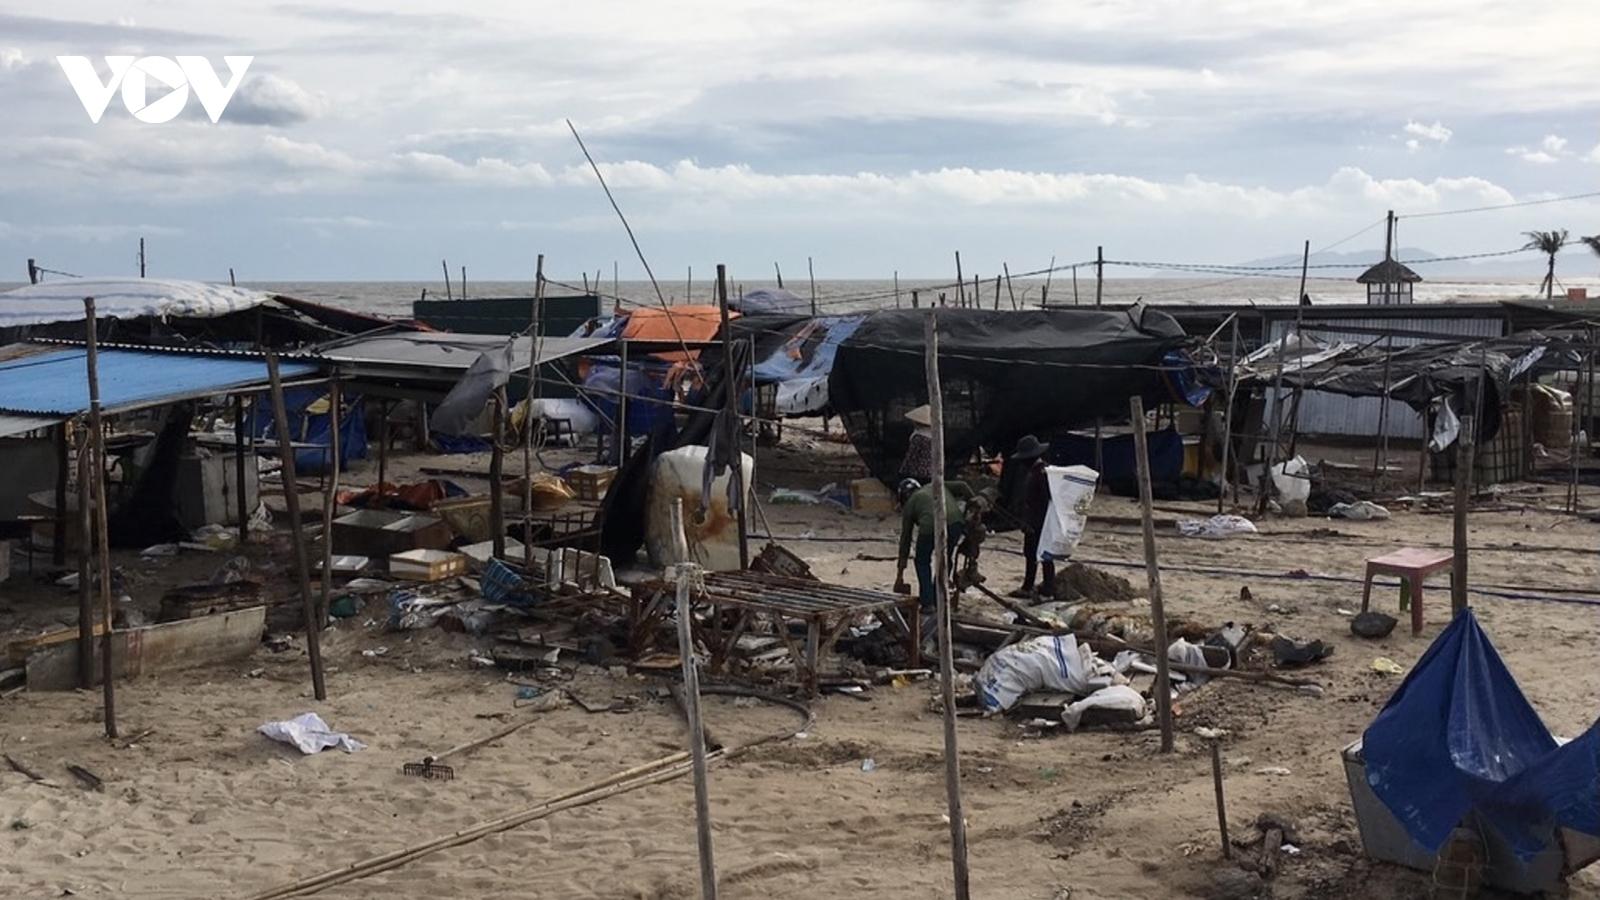 Bà Rịa – Vũng Tàu thu hồi 2 dự án du lịch để làm bãi tắm công cộng